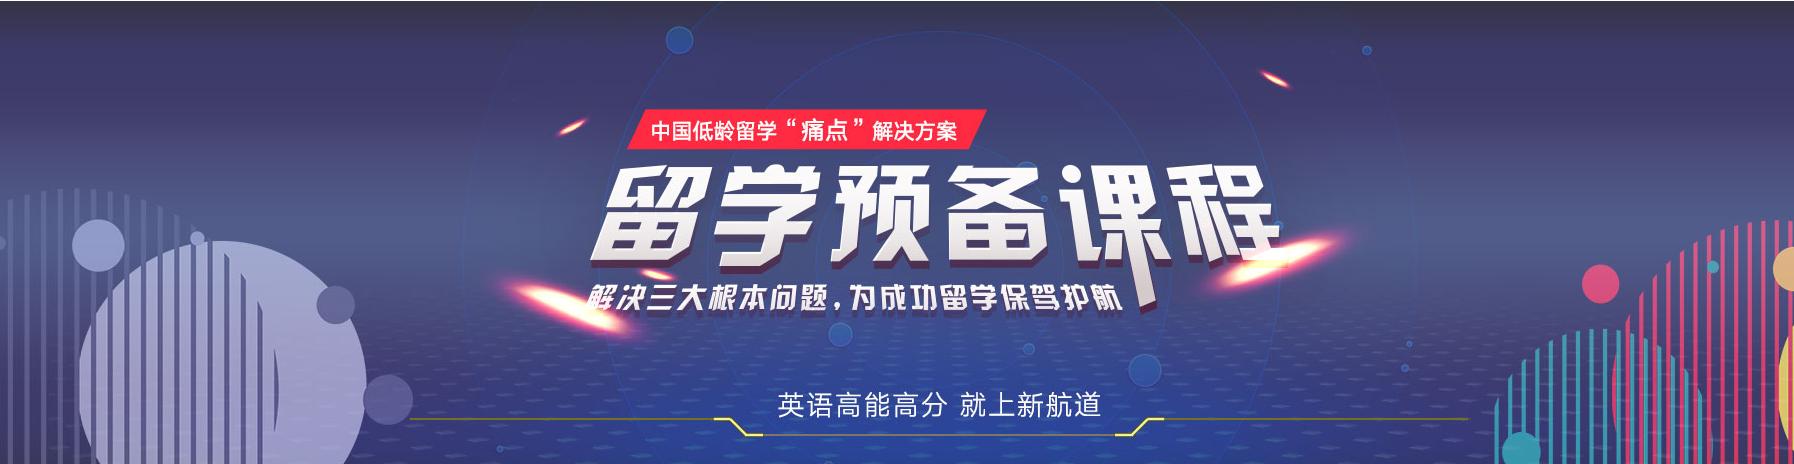 天津大悦城新航道英语培训